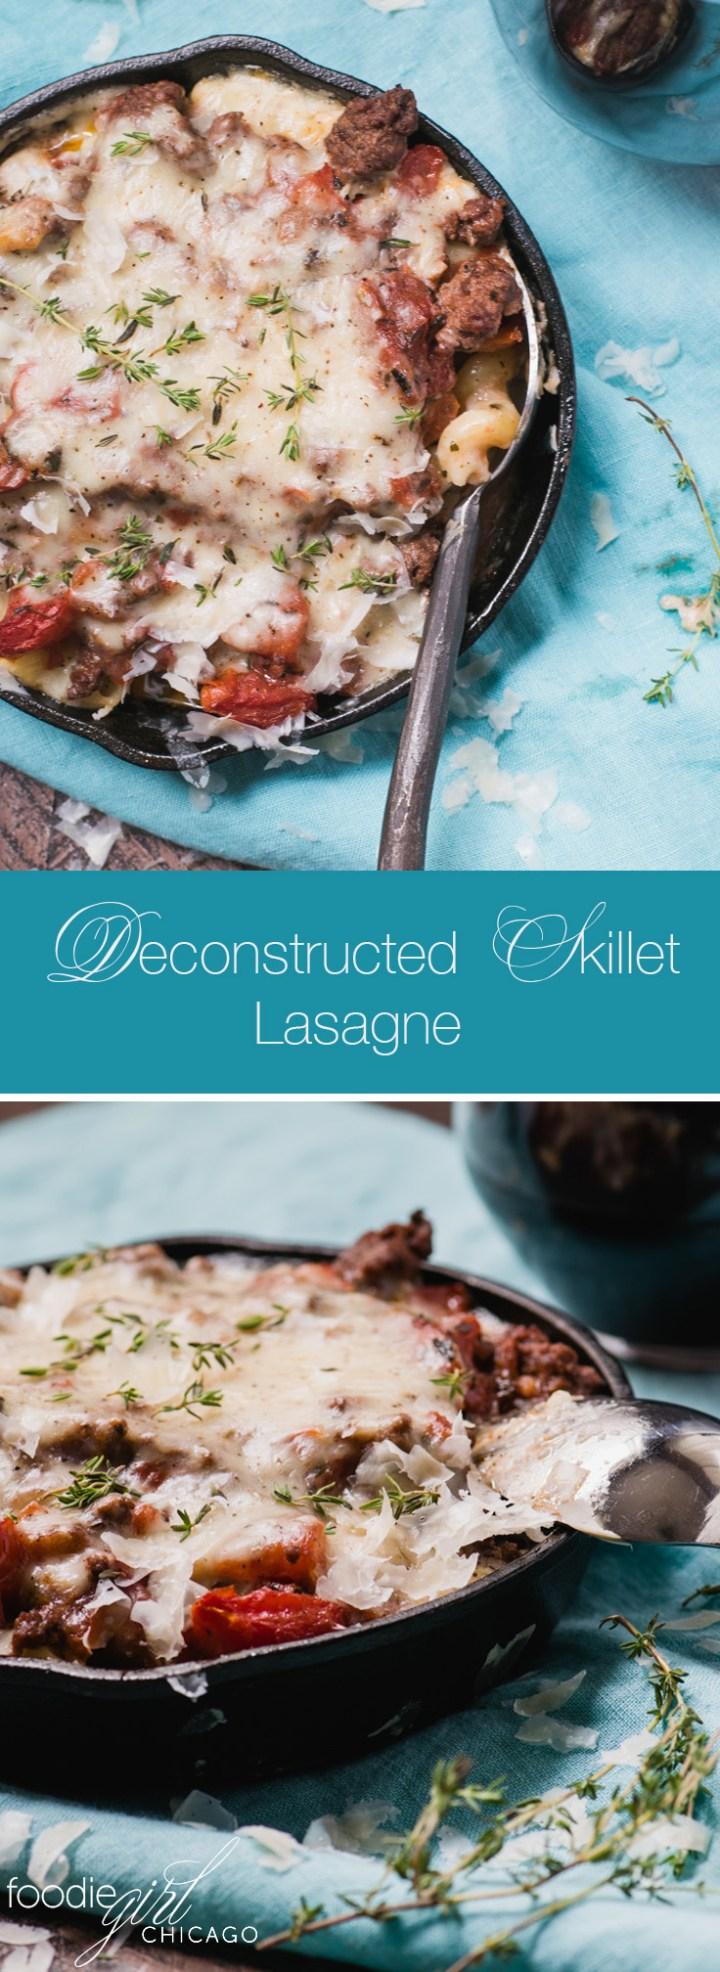 https://www.urbanfoodiekitchen.com/deconstructed-skillet-lasagne/